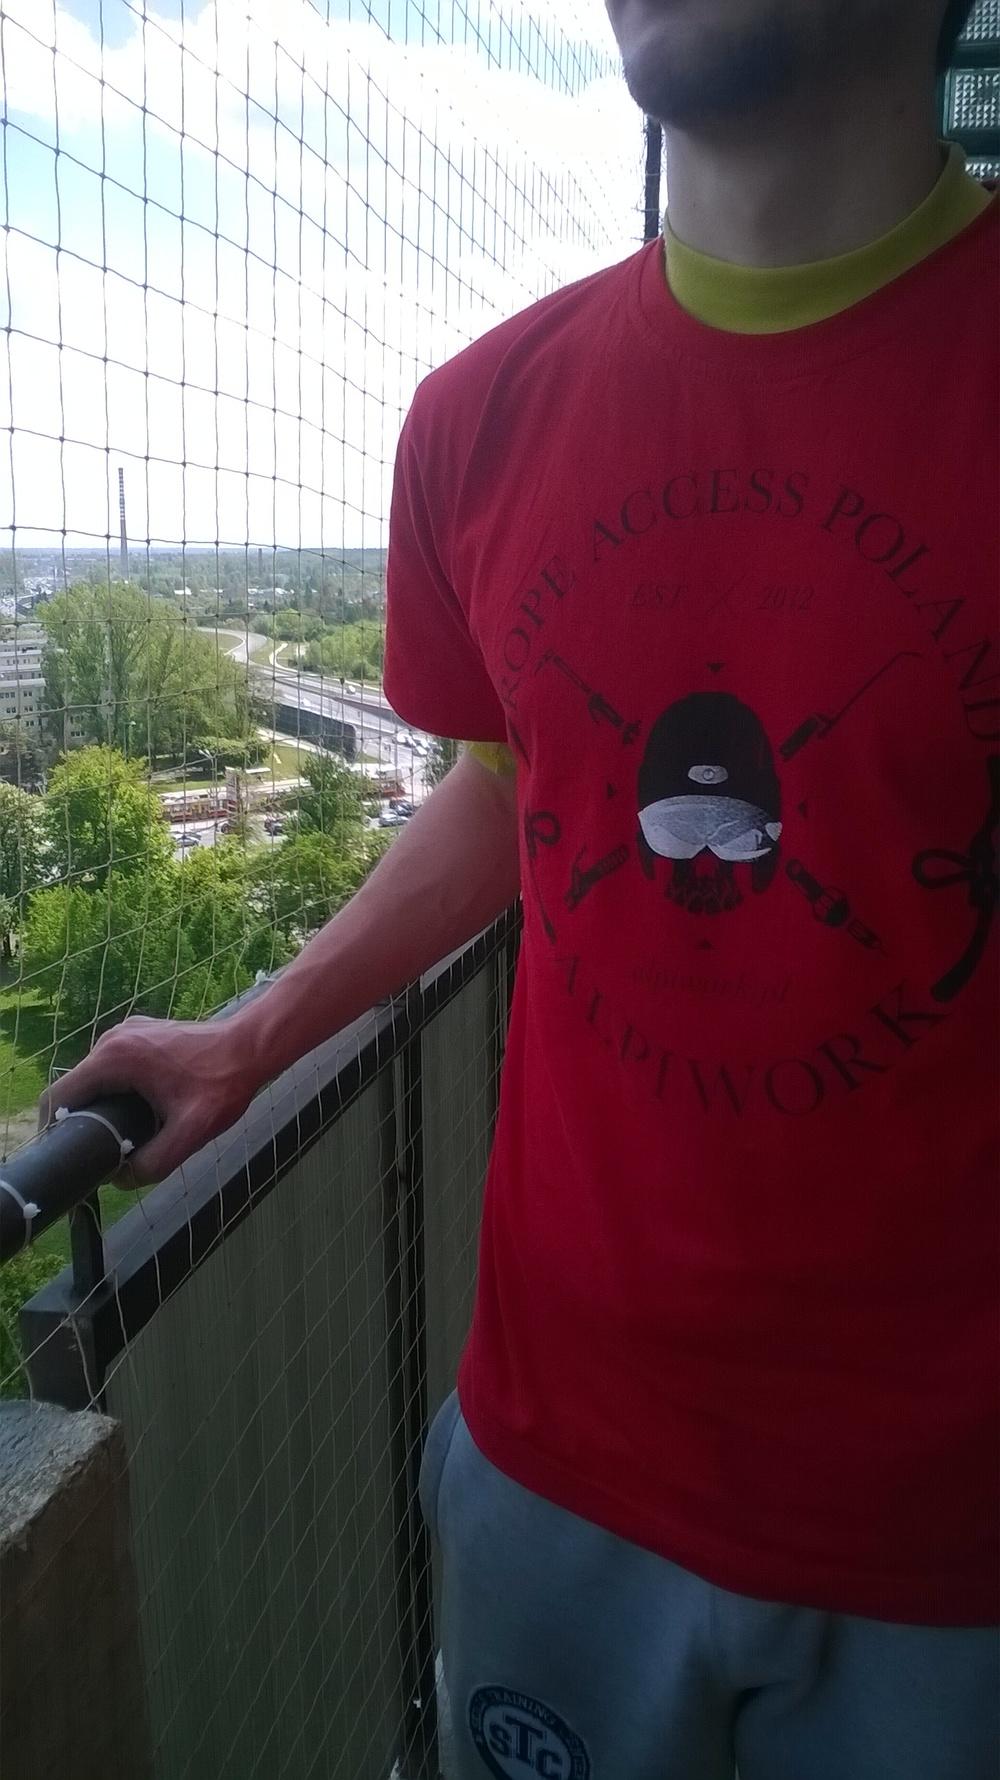 siatki zabezpieczające przed gołebiemi gdynia